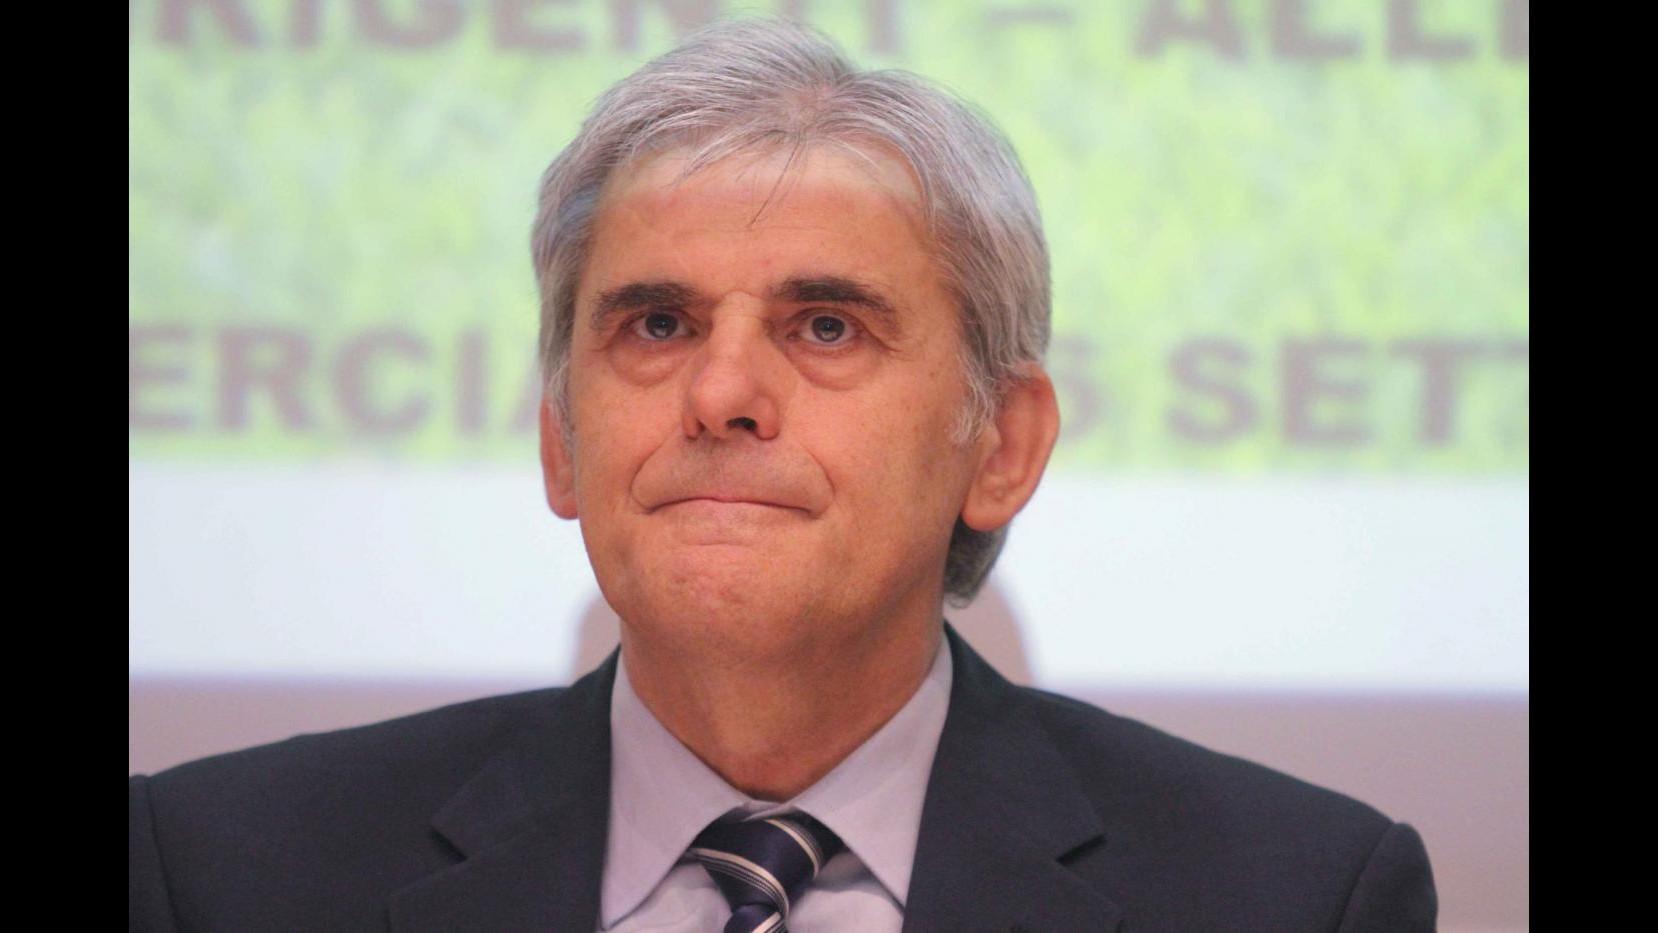 Futuro Figc, Nicchi a sorpresa:Arbitri sostengono candidatura Albertini